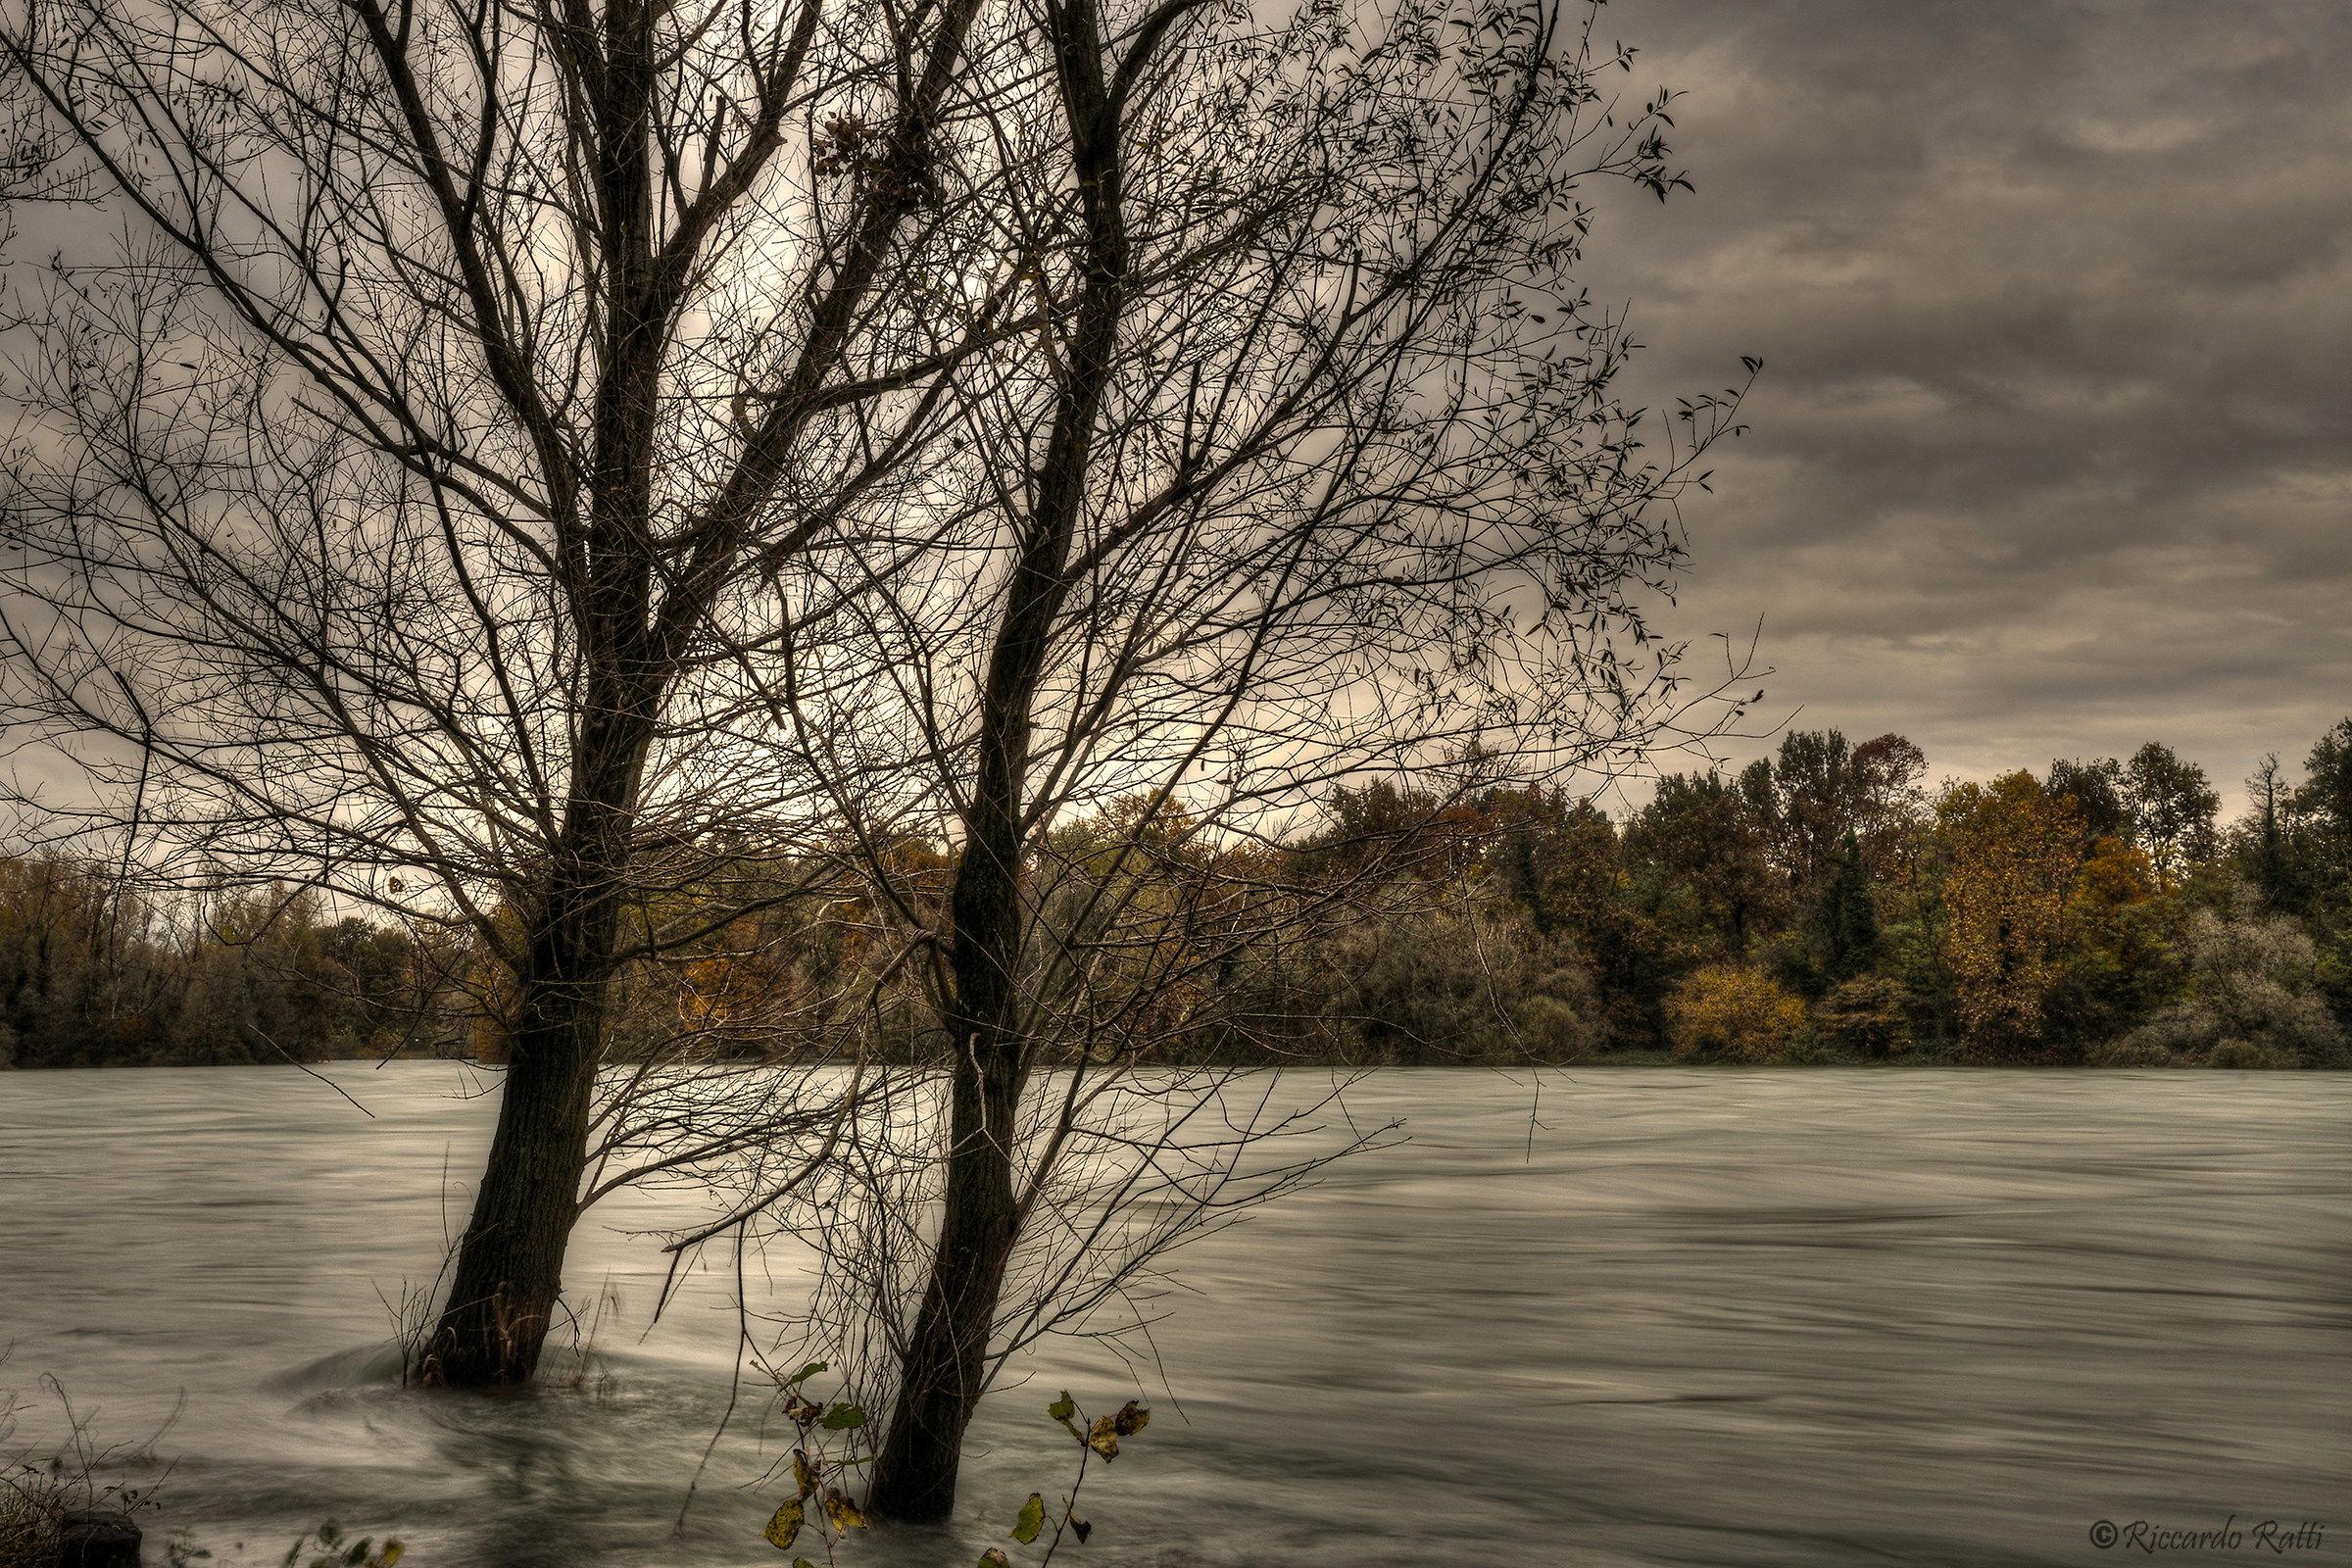 La corsa del fiume...